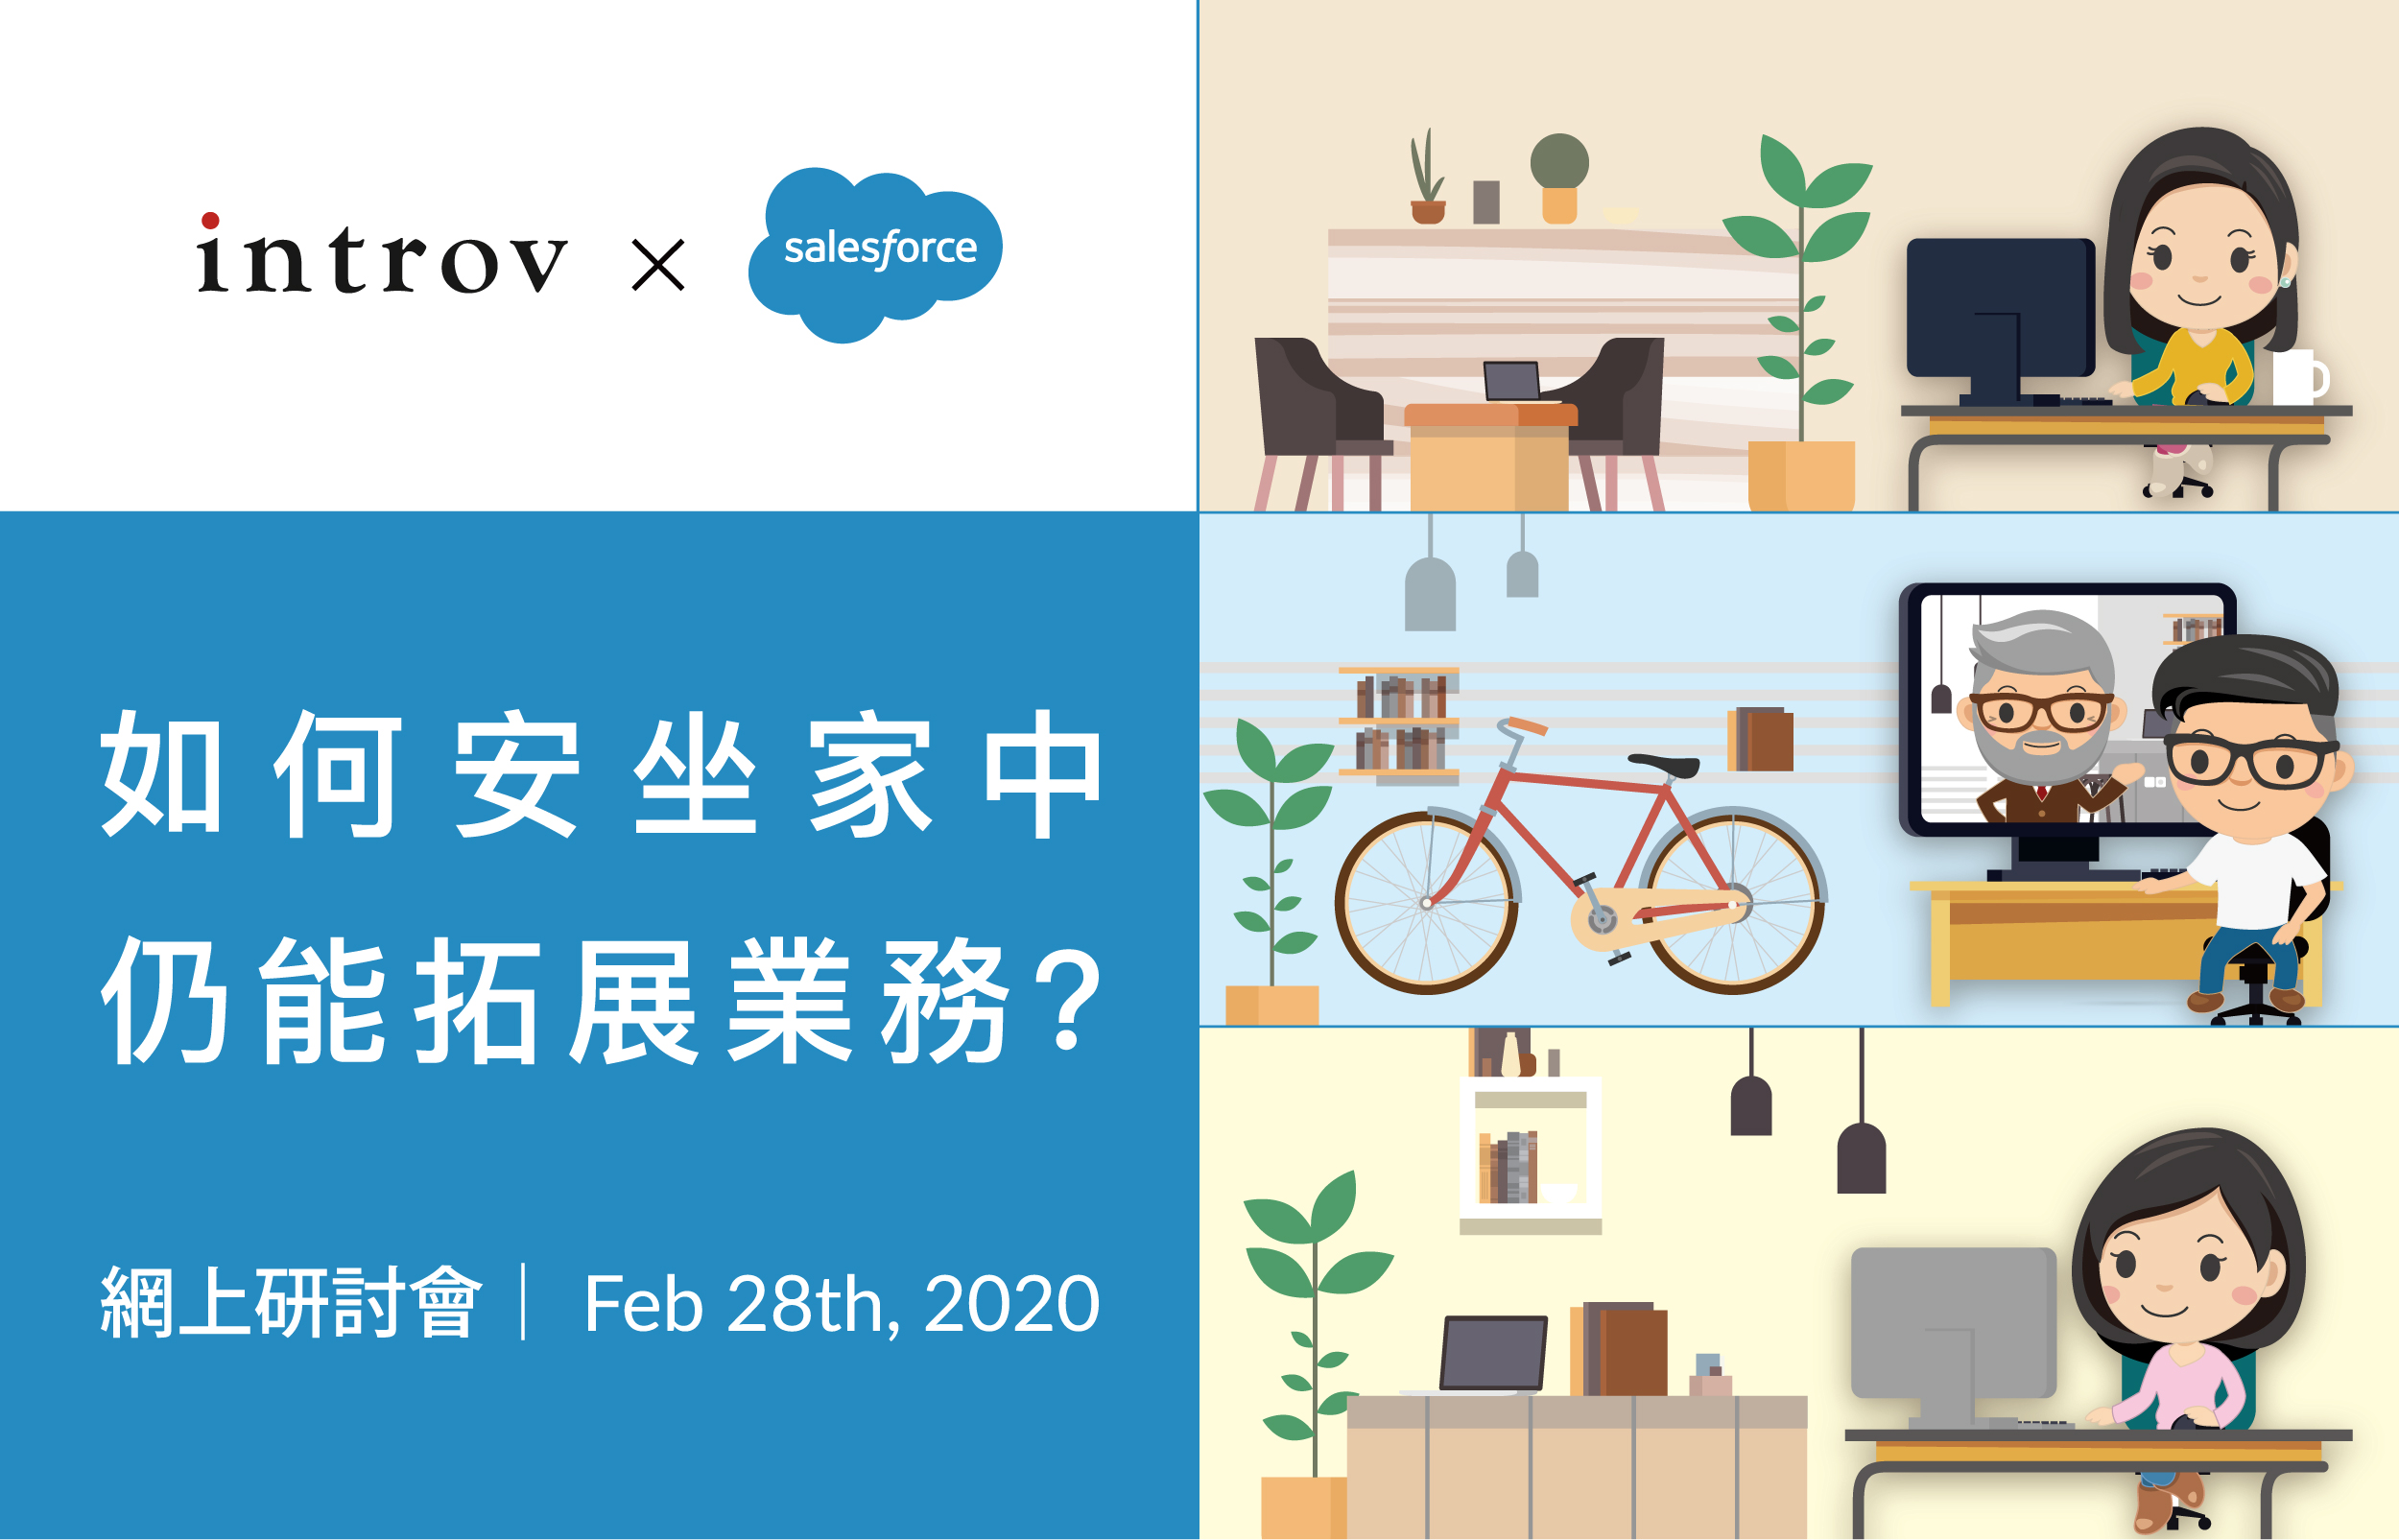 [網上研討會]如何安坐家中仍能拓展業務? (2020 年2月28日)